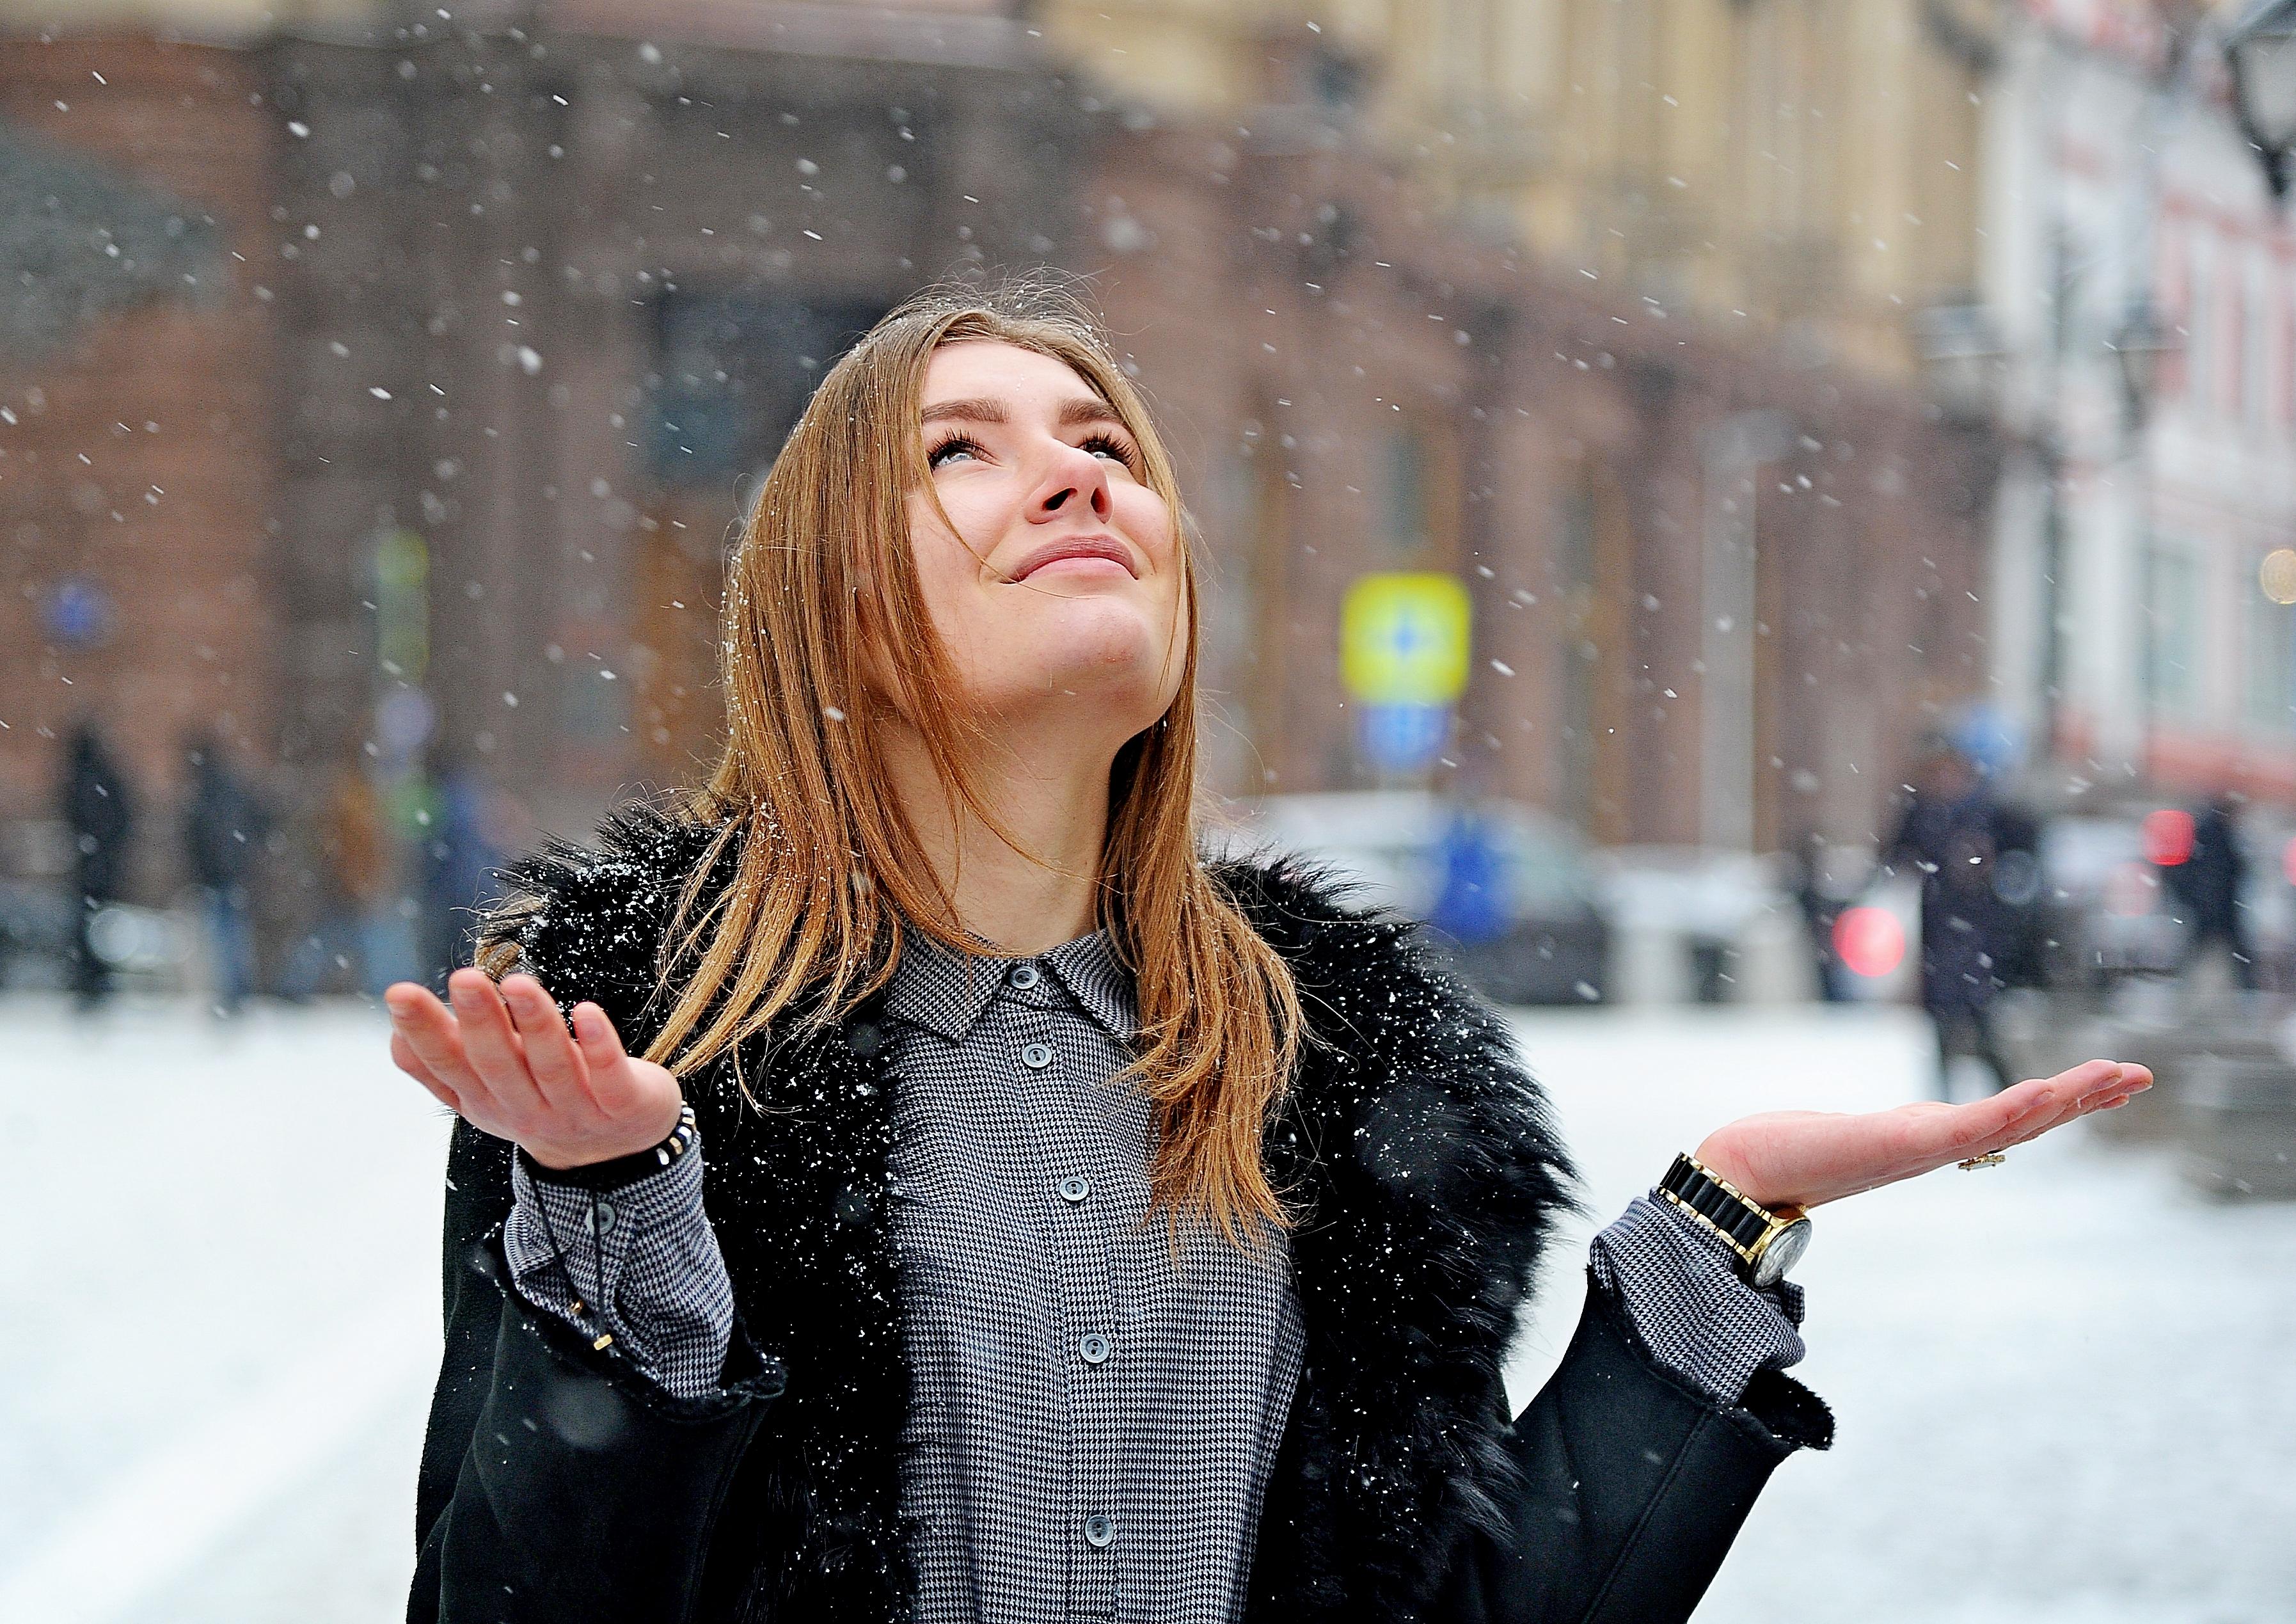 Гидрометцентр опроверг слухи о первом снеге, выпавшем в Москве